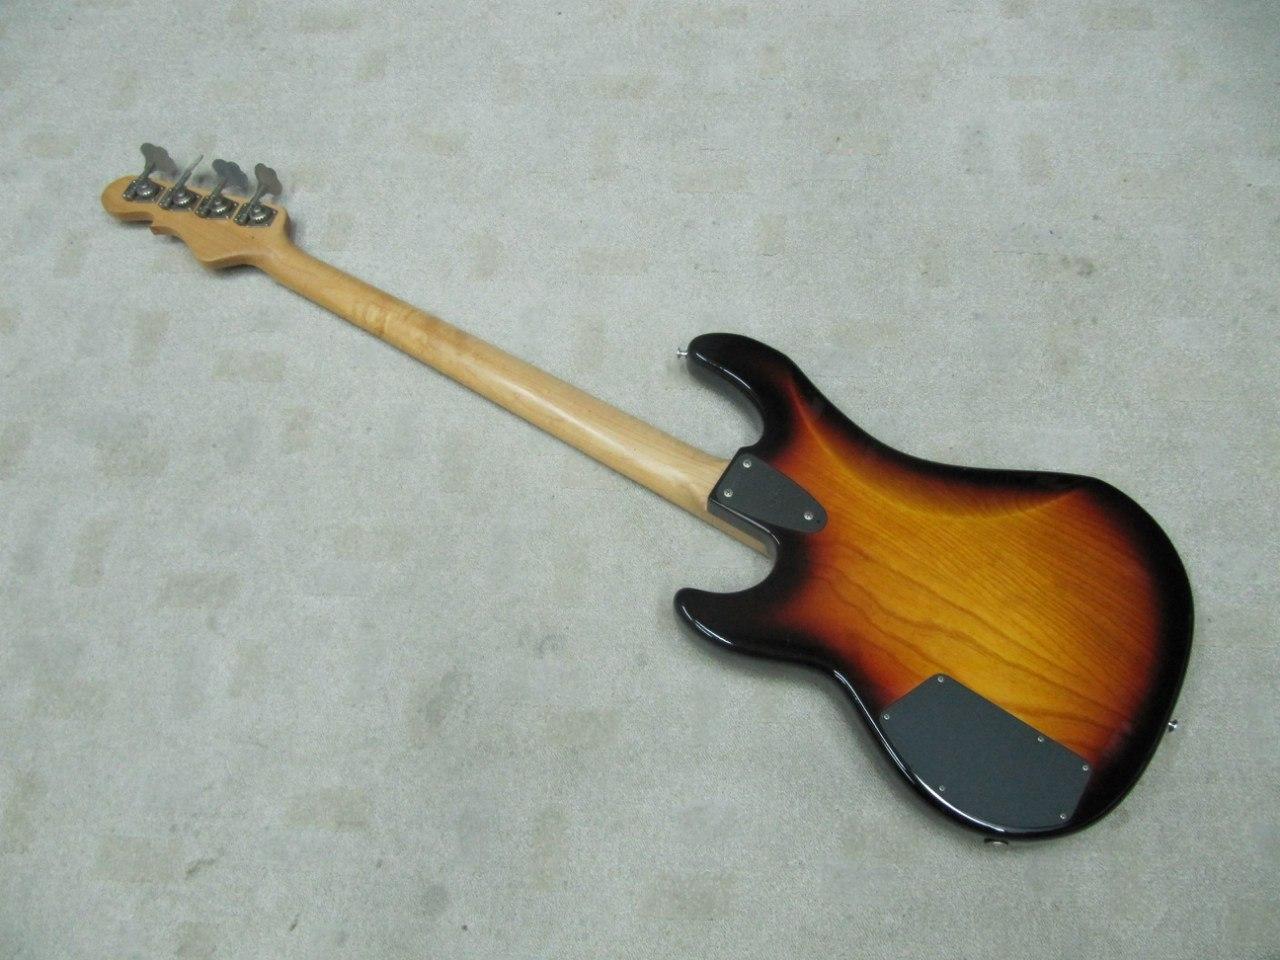 G&L L2000 USA 1993 бас гитара, активная эл., санберс, кейс (USA)/отличное - 1150 описание. схема упарвления. http...